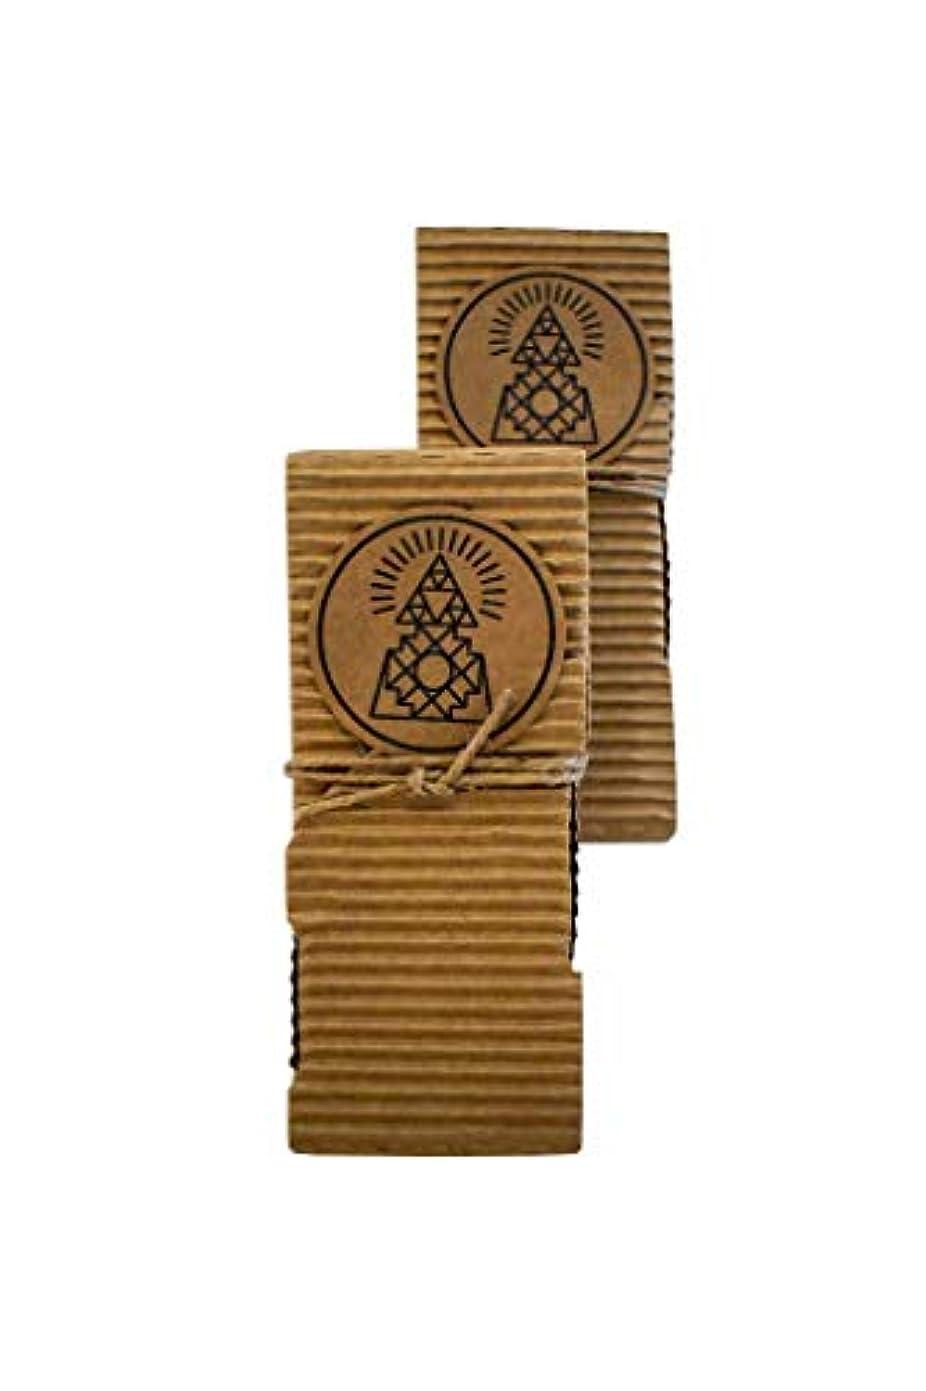 牛肉散らす研究所Artisanal Breu樹脂 – Palo SantoブレンドIncense Sticks